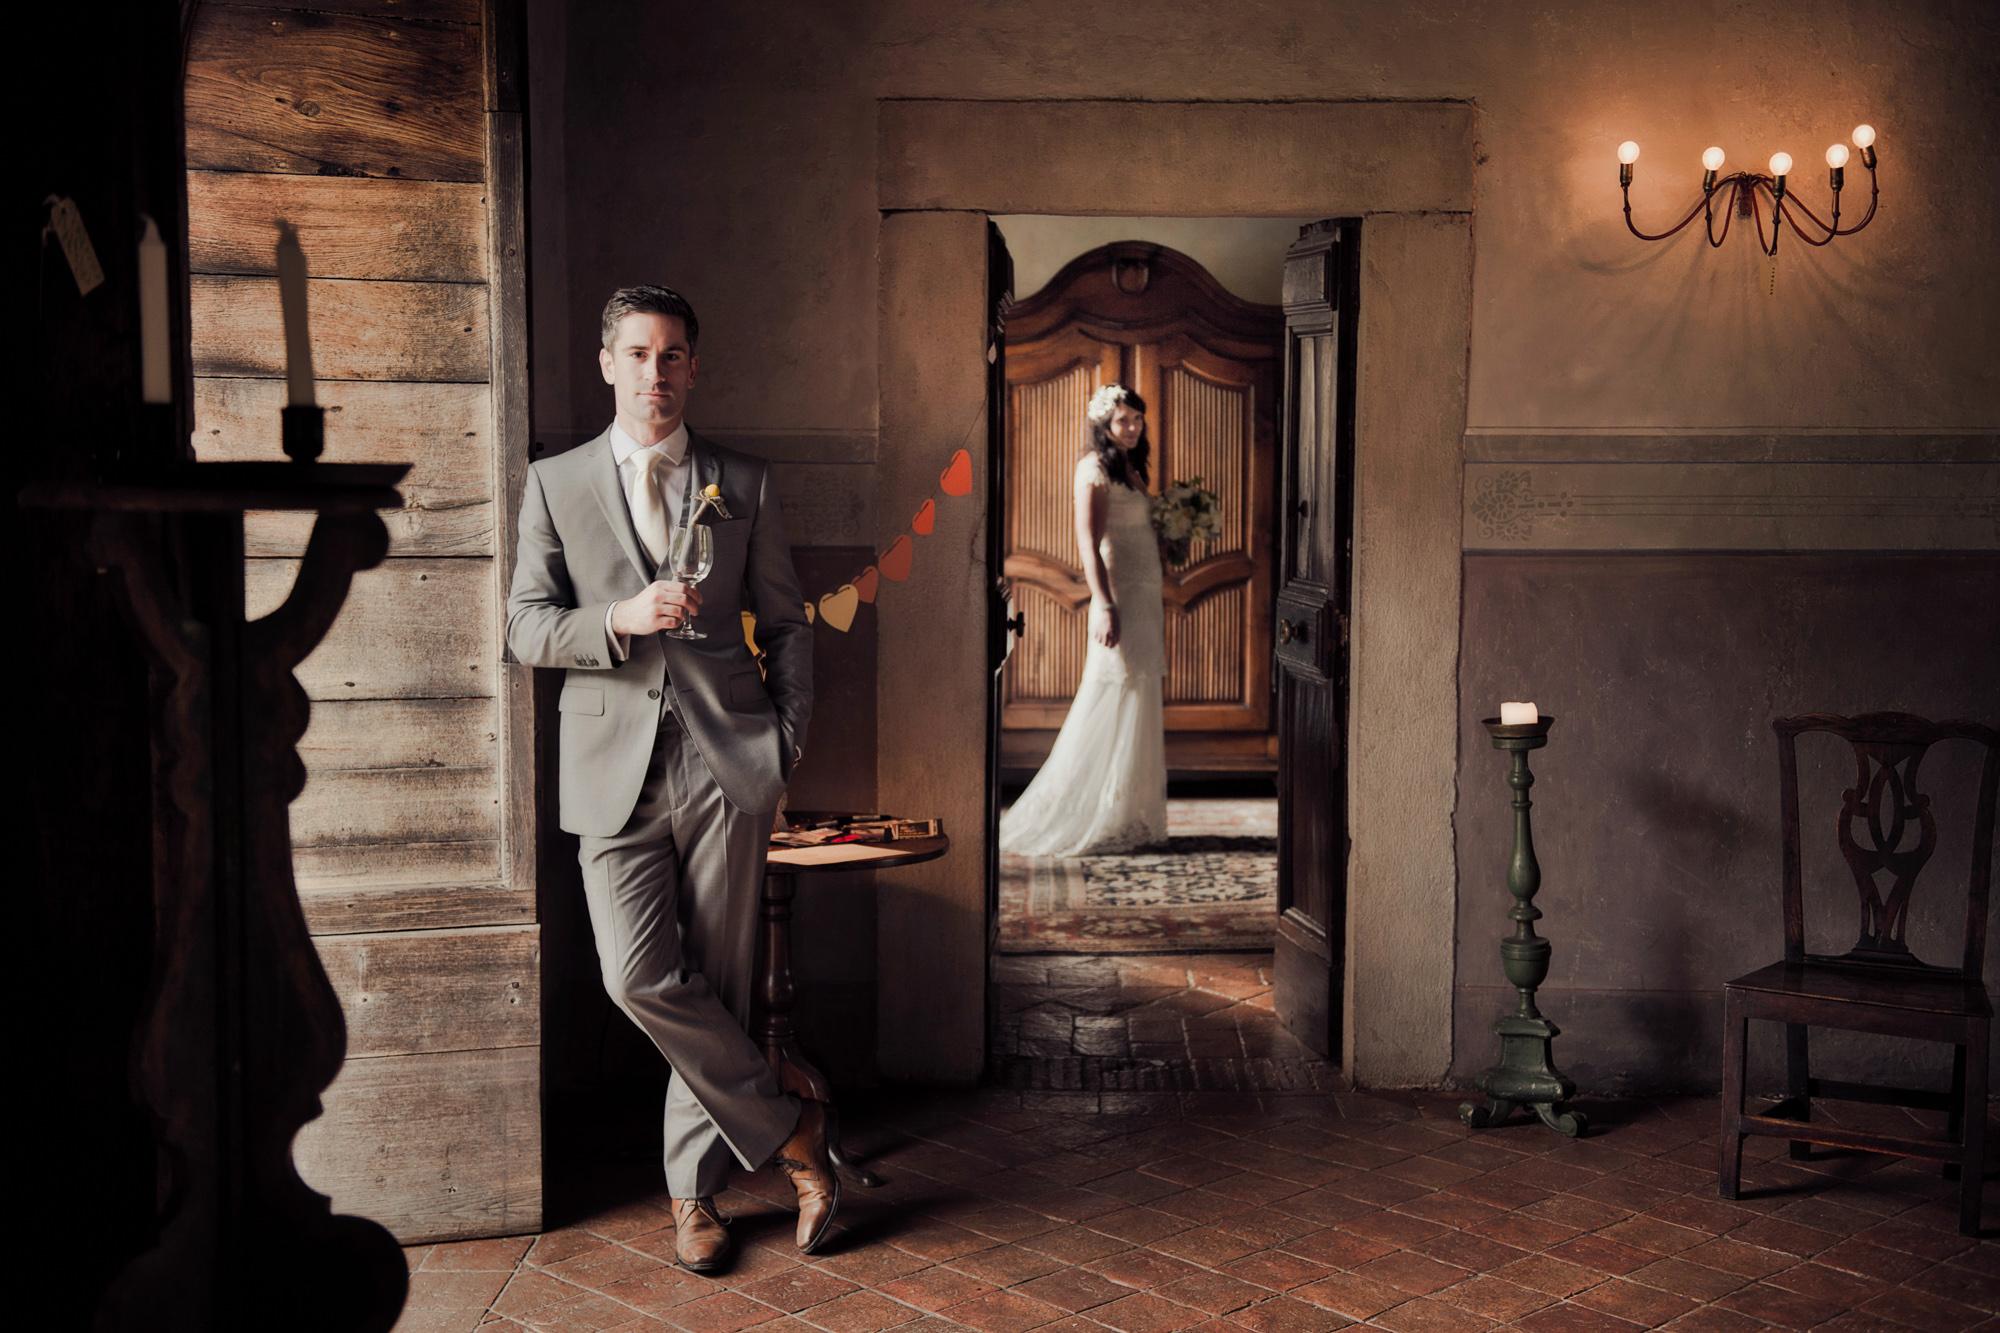 fashionable-groom-in-grey-suit-bride-in-doorway-worlds-best-wedding-photographers-marcus-bell-australia-wedding-photographers